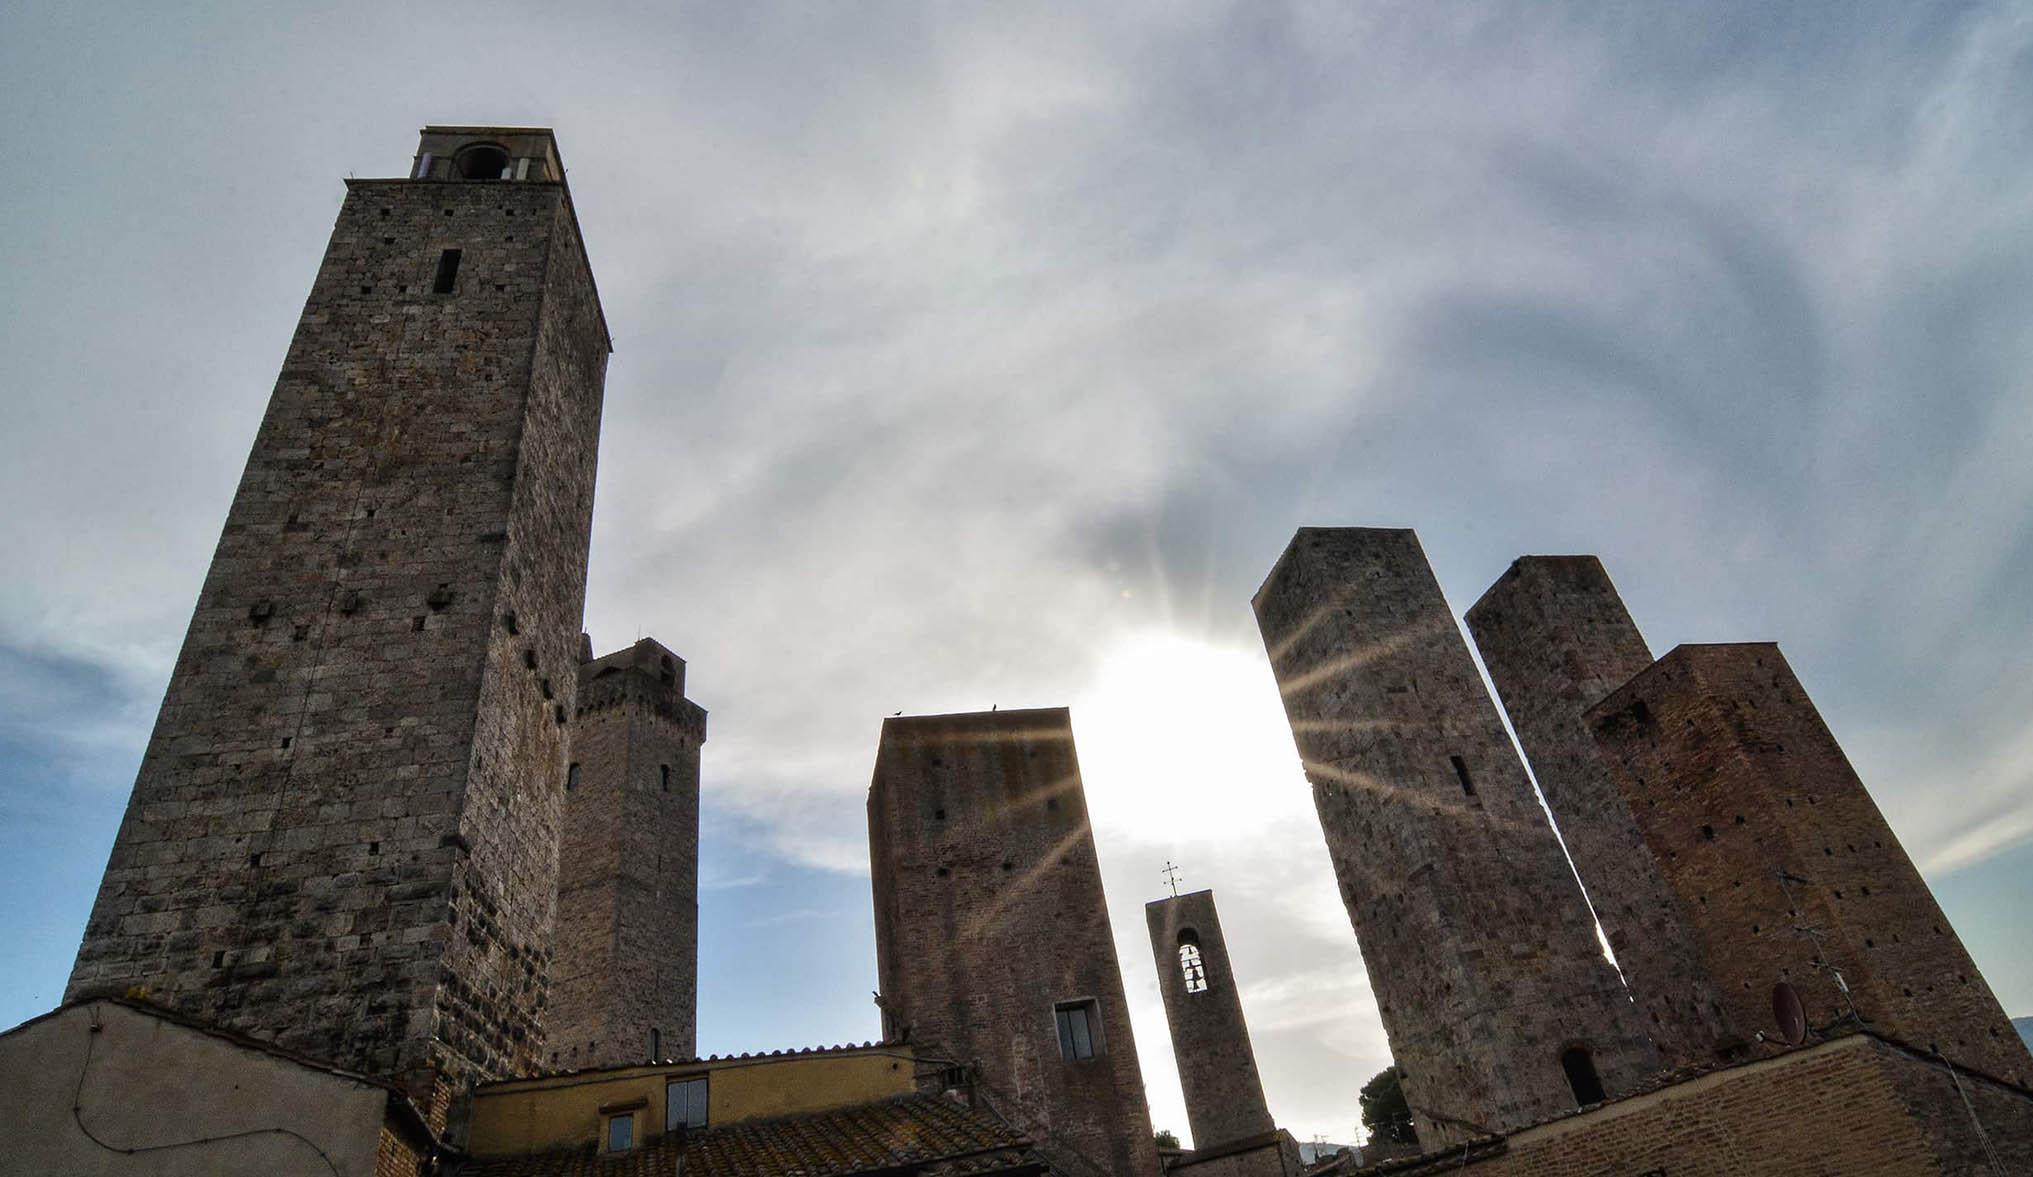 Migliori vini della Toscana e paesaggi incredibili: Cantina Torciano e San Gimignano